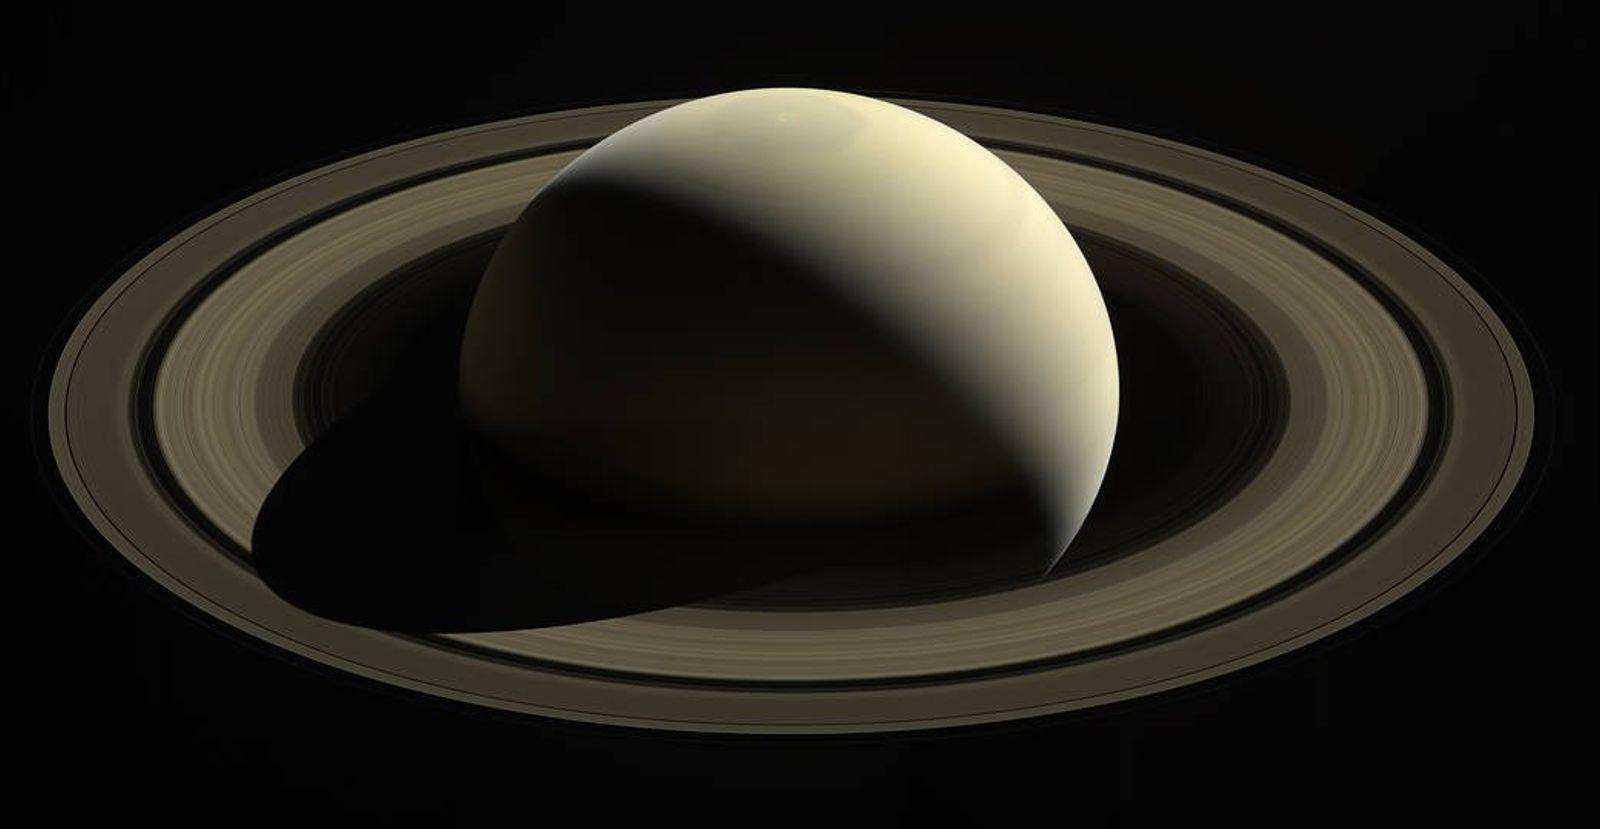 Wie lange dauert ein Tag auf dem Saturn?